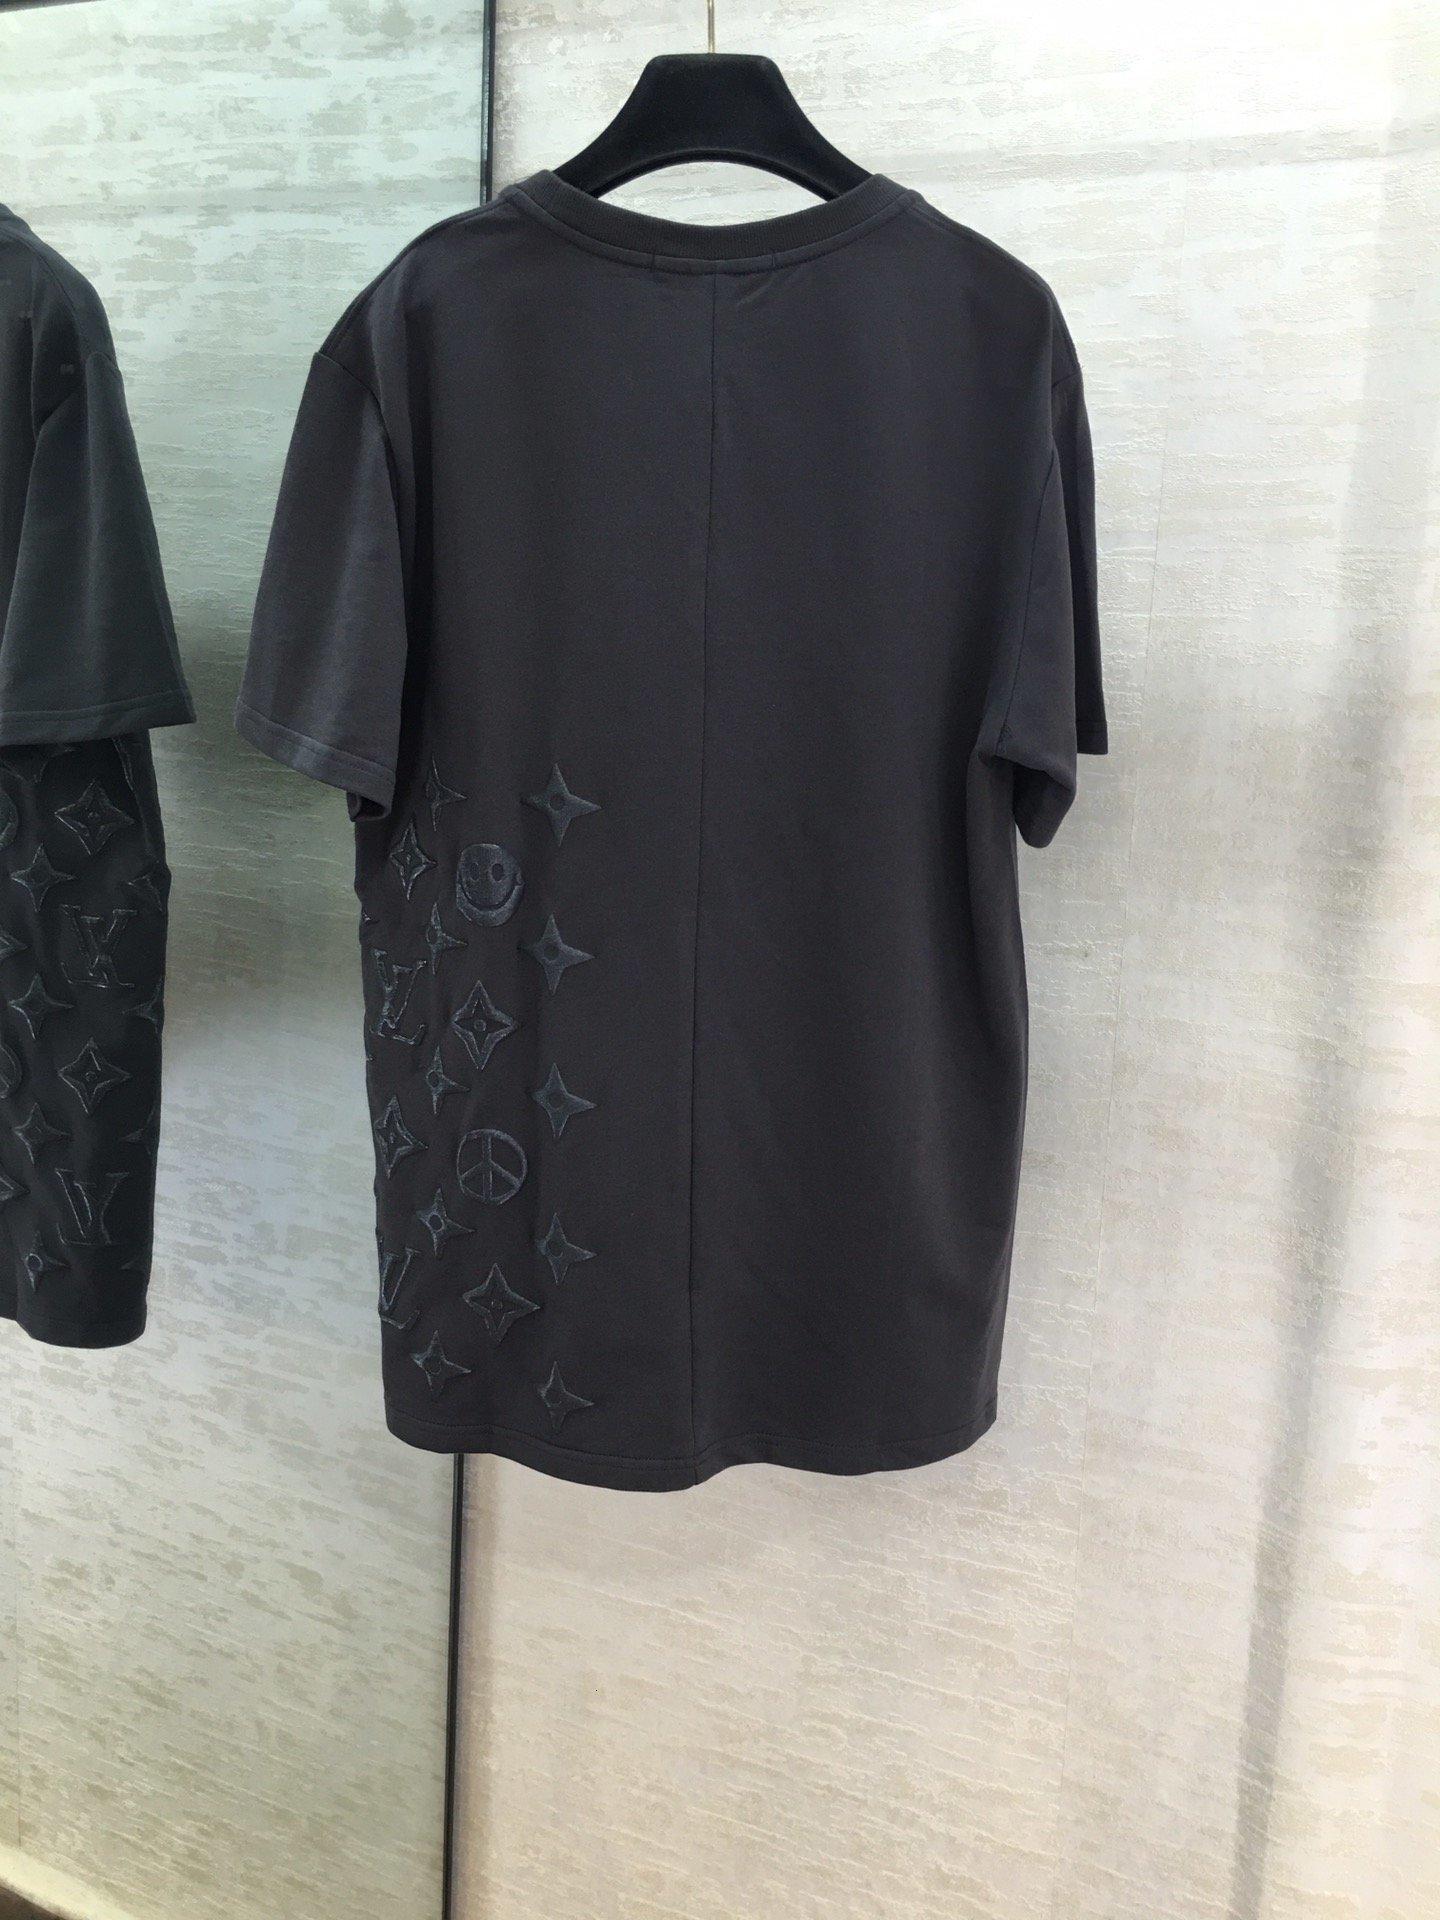 Designer Damen-Kurzschlusshosen der Frauen Sporthosen neue freies Verschiffen heiß gut aussehend lässig 0MRL empfehlen